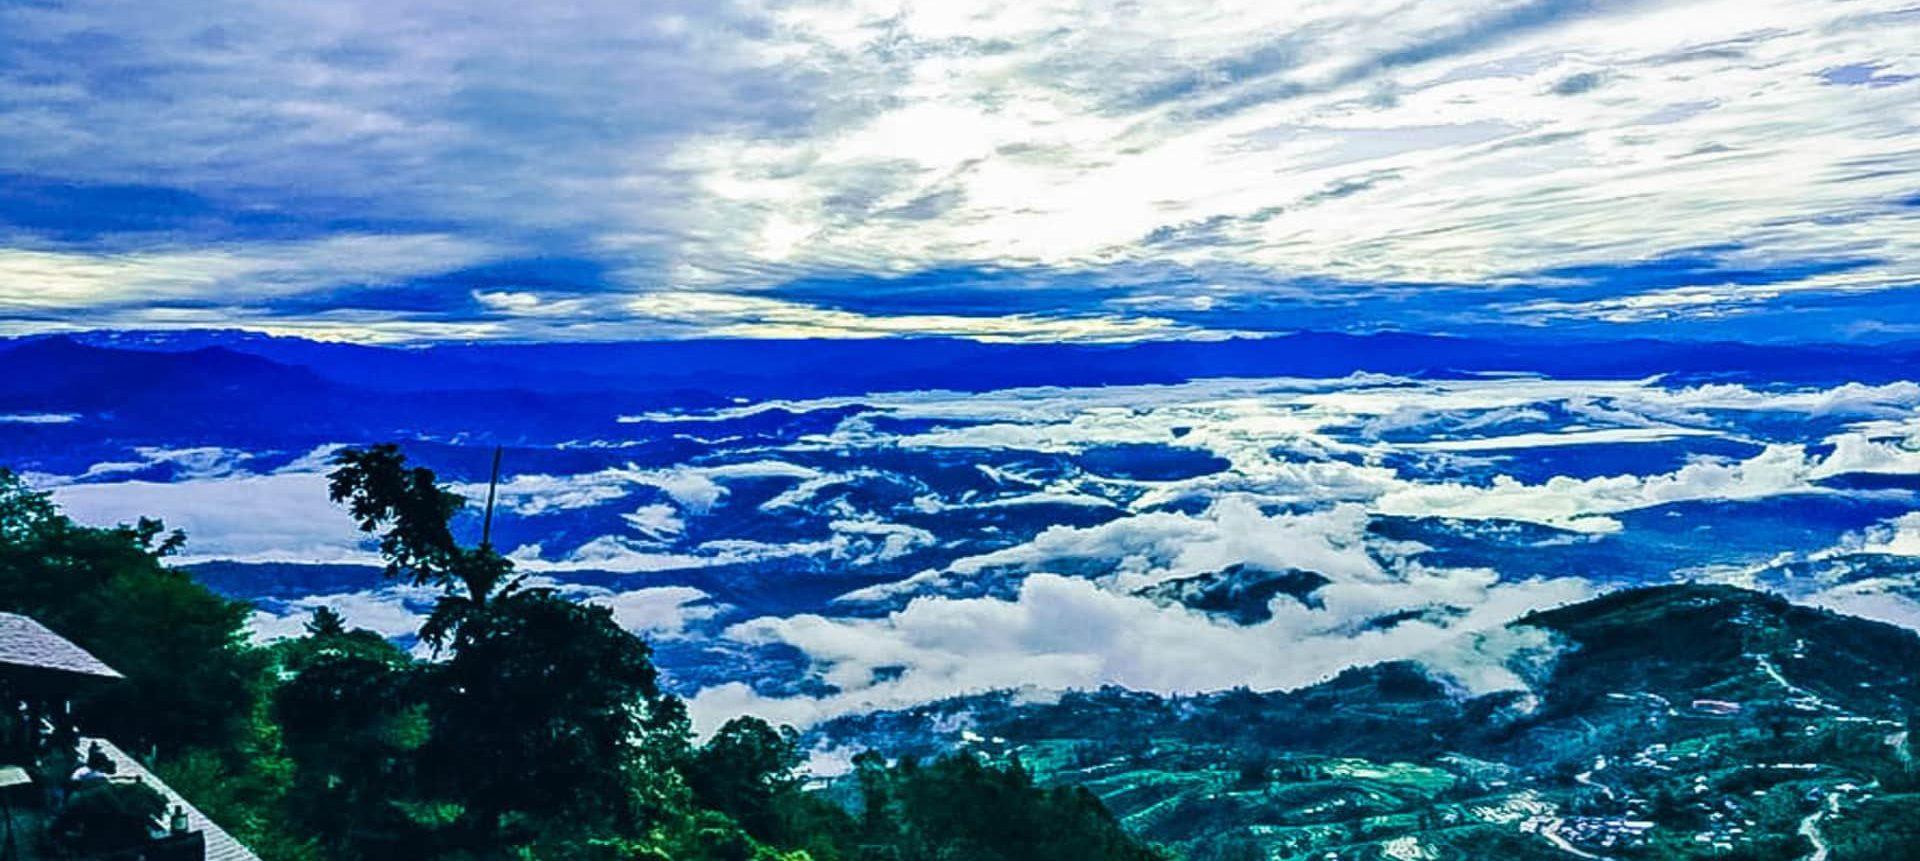 Nepal Itinerary 1 night 2 days